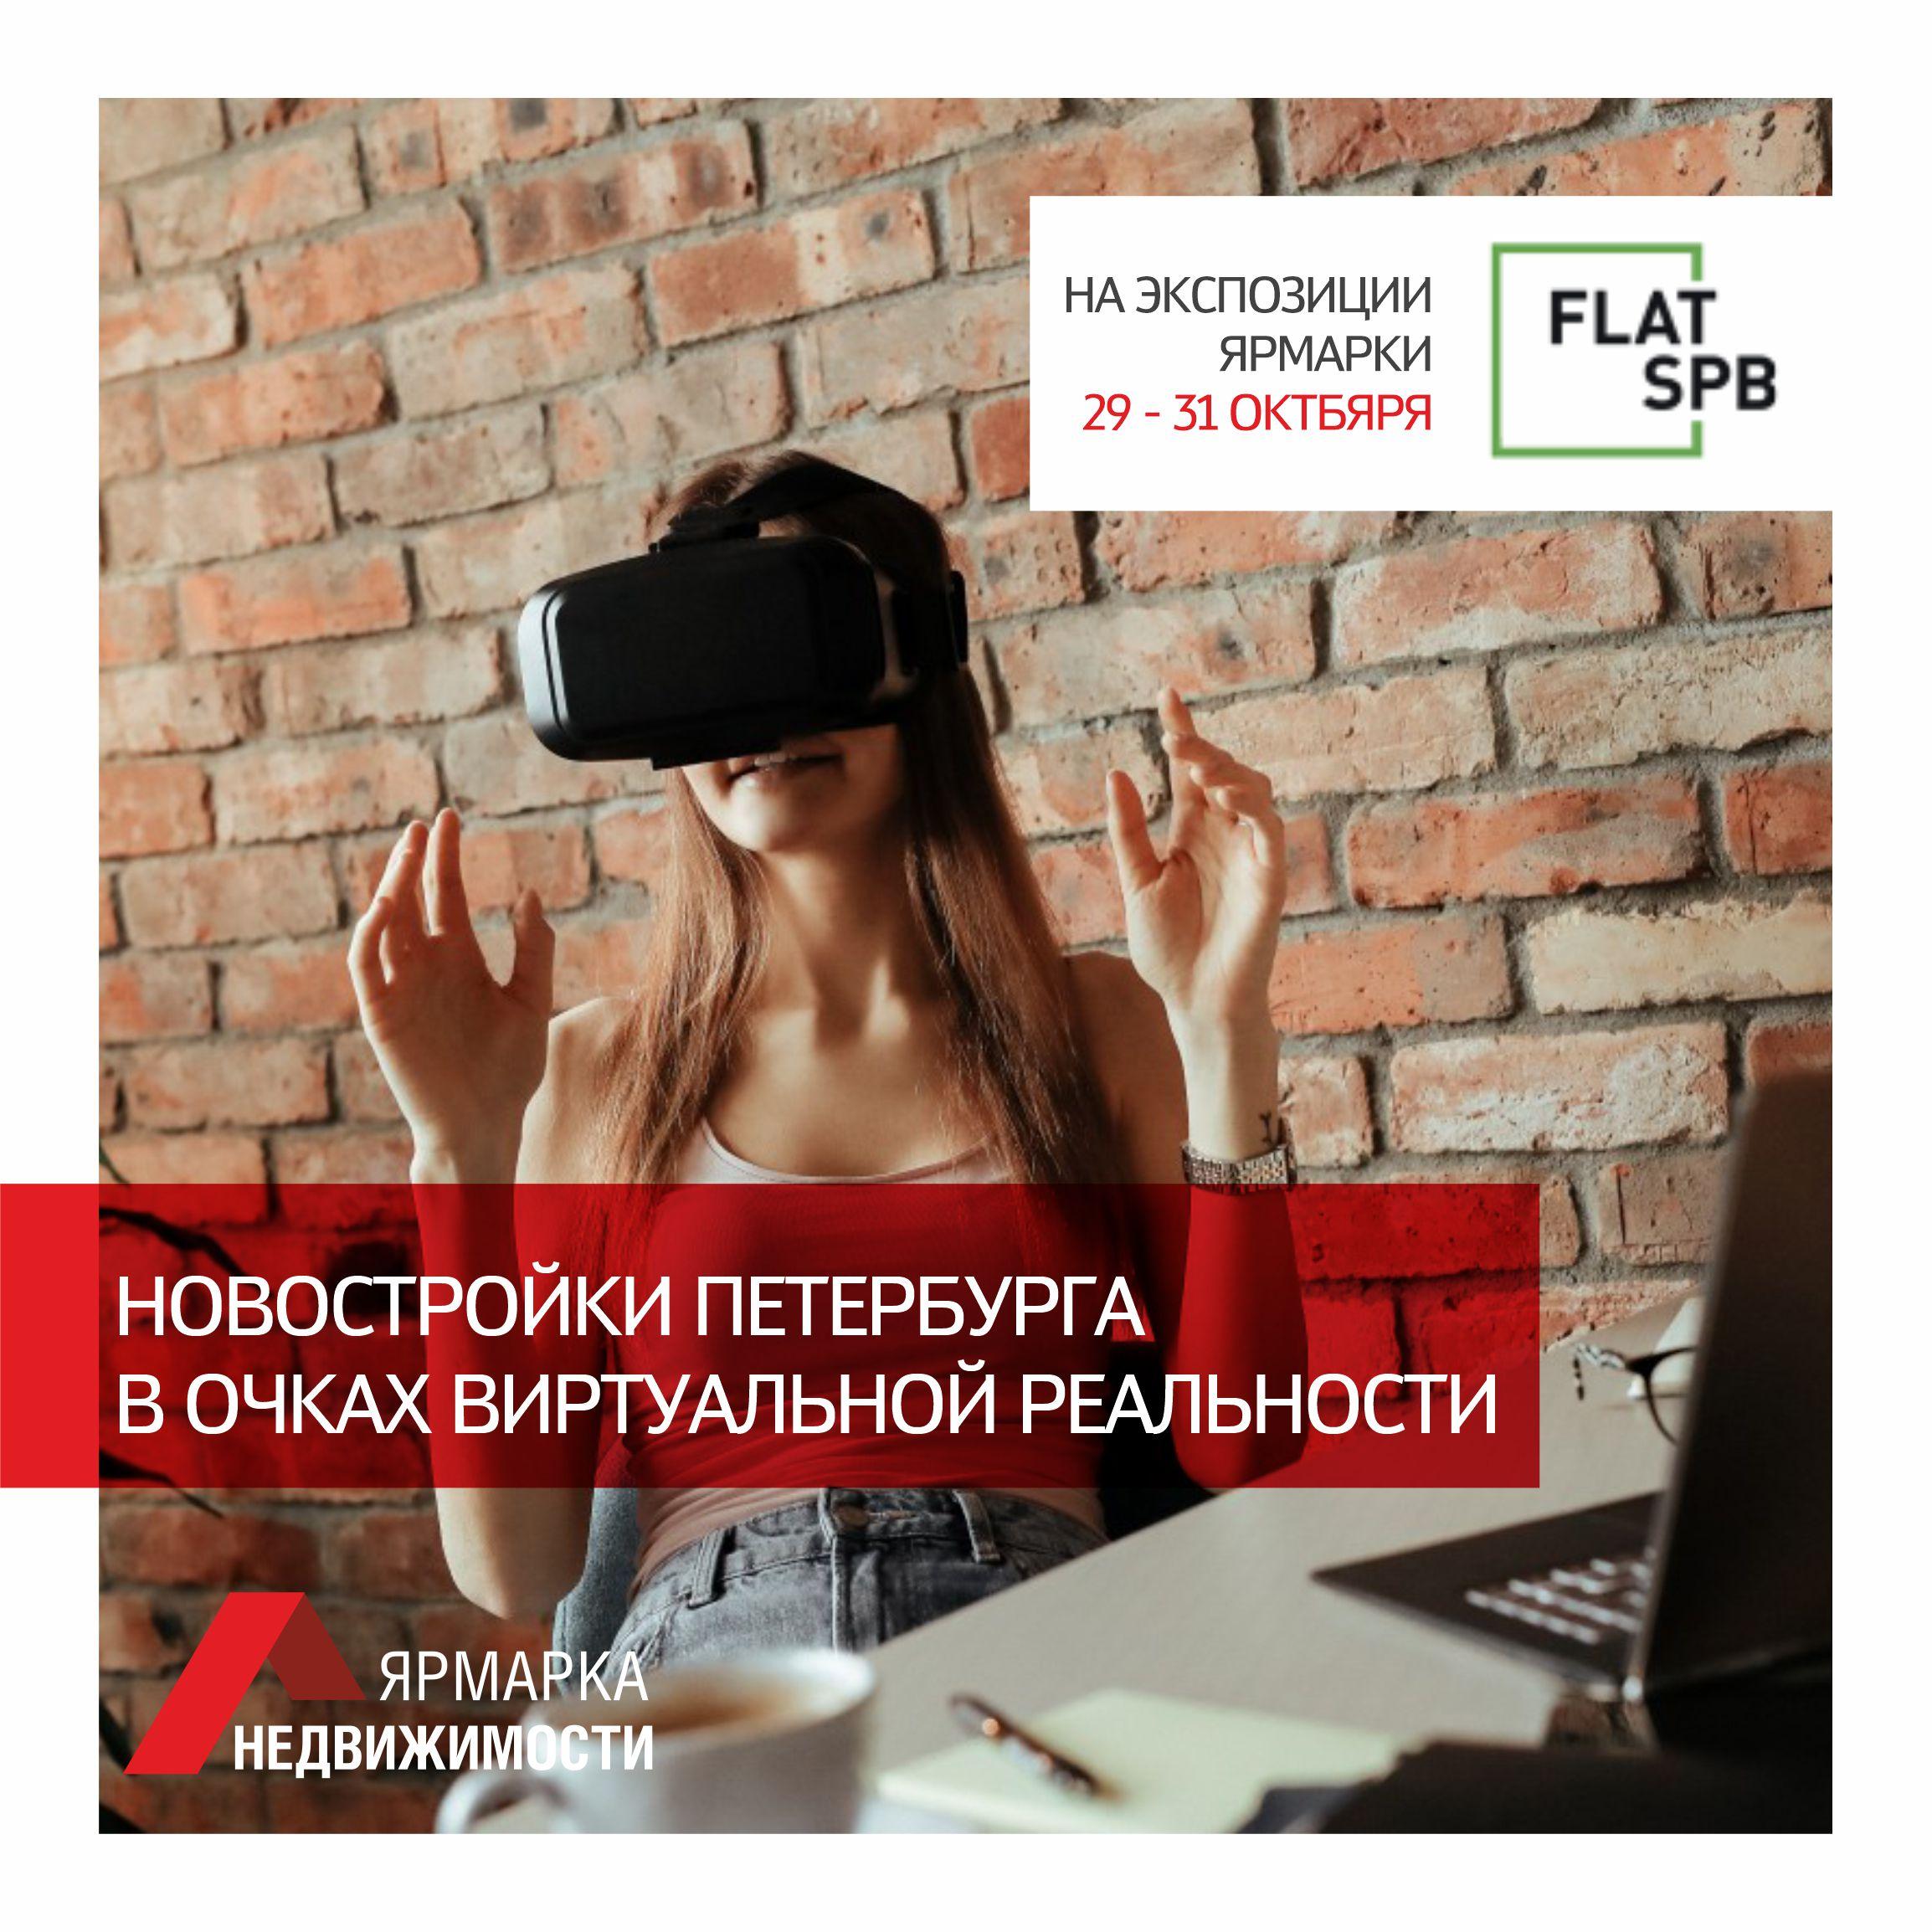 Новые ЖК Петербурга в очках виртуальной реальности